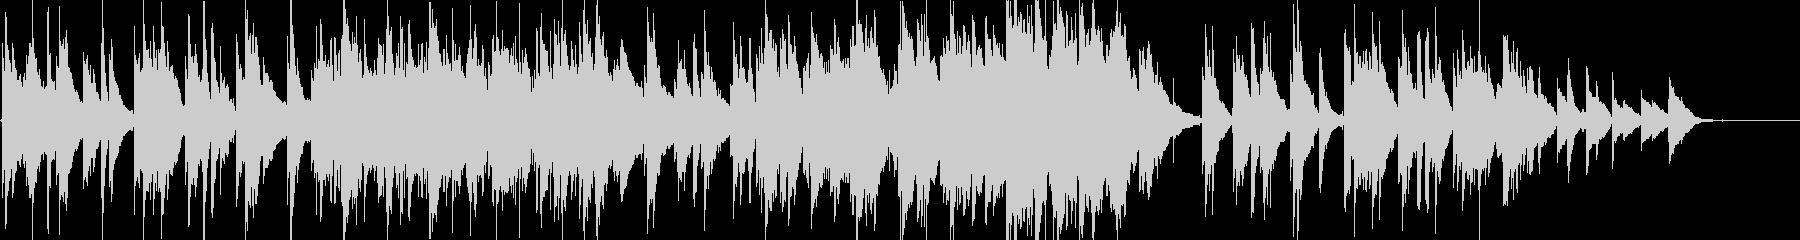 ギターソロの未再生の波形